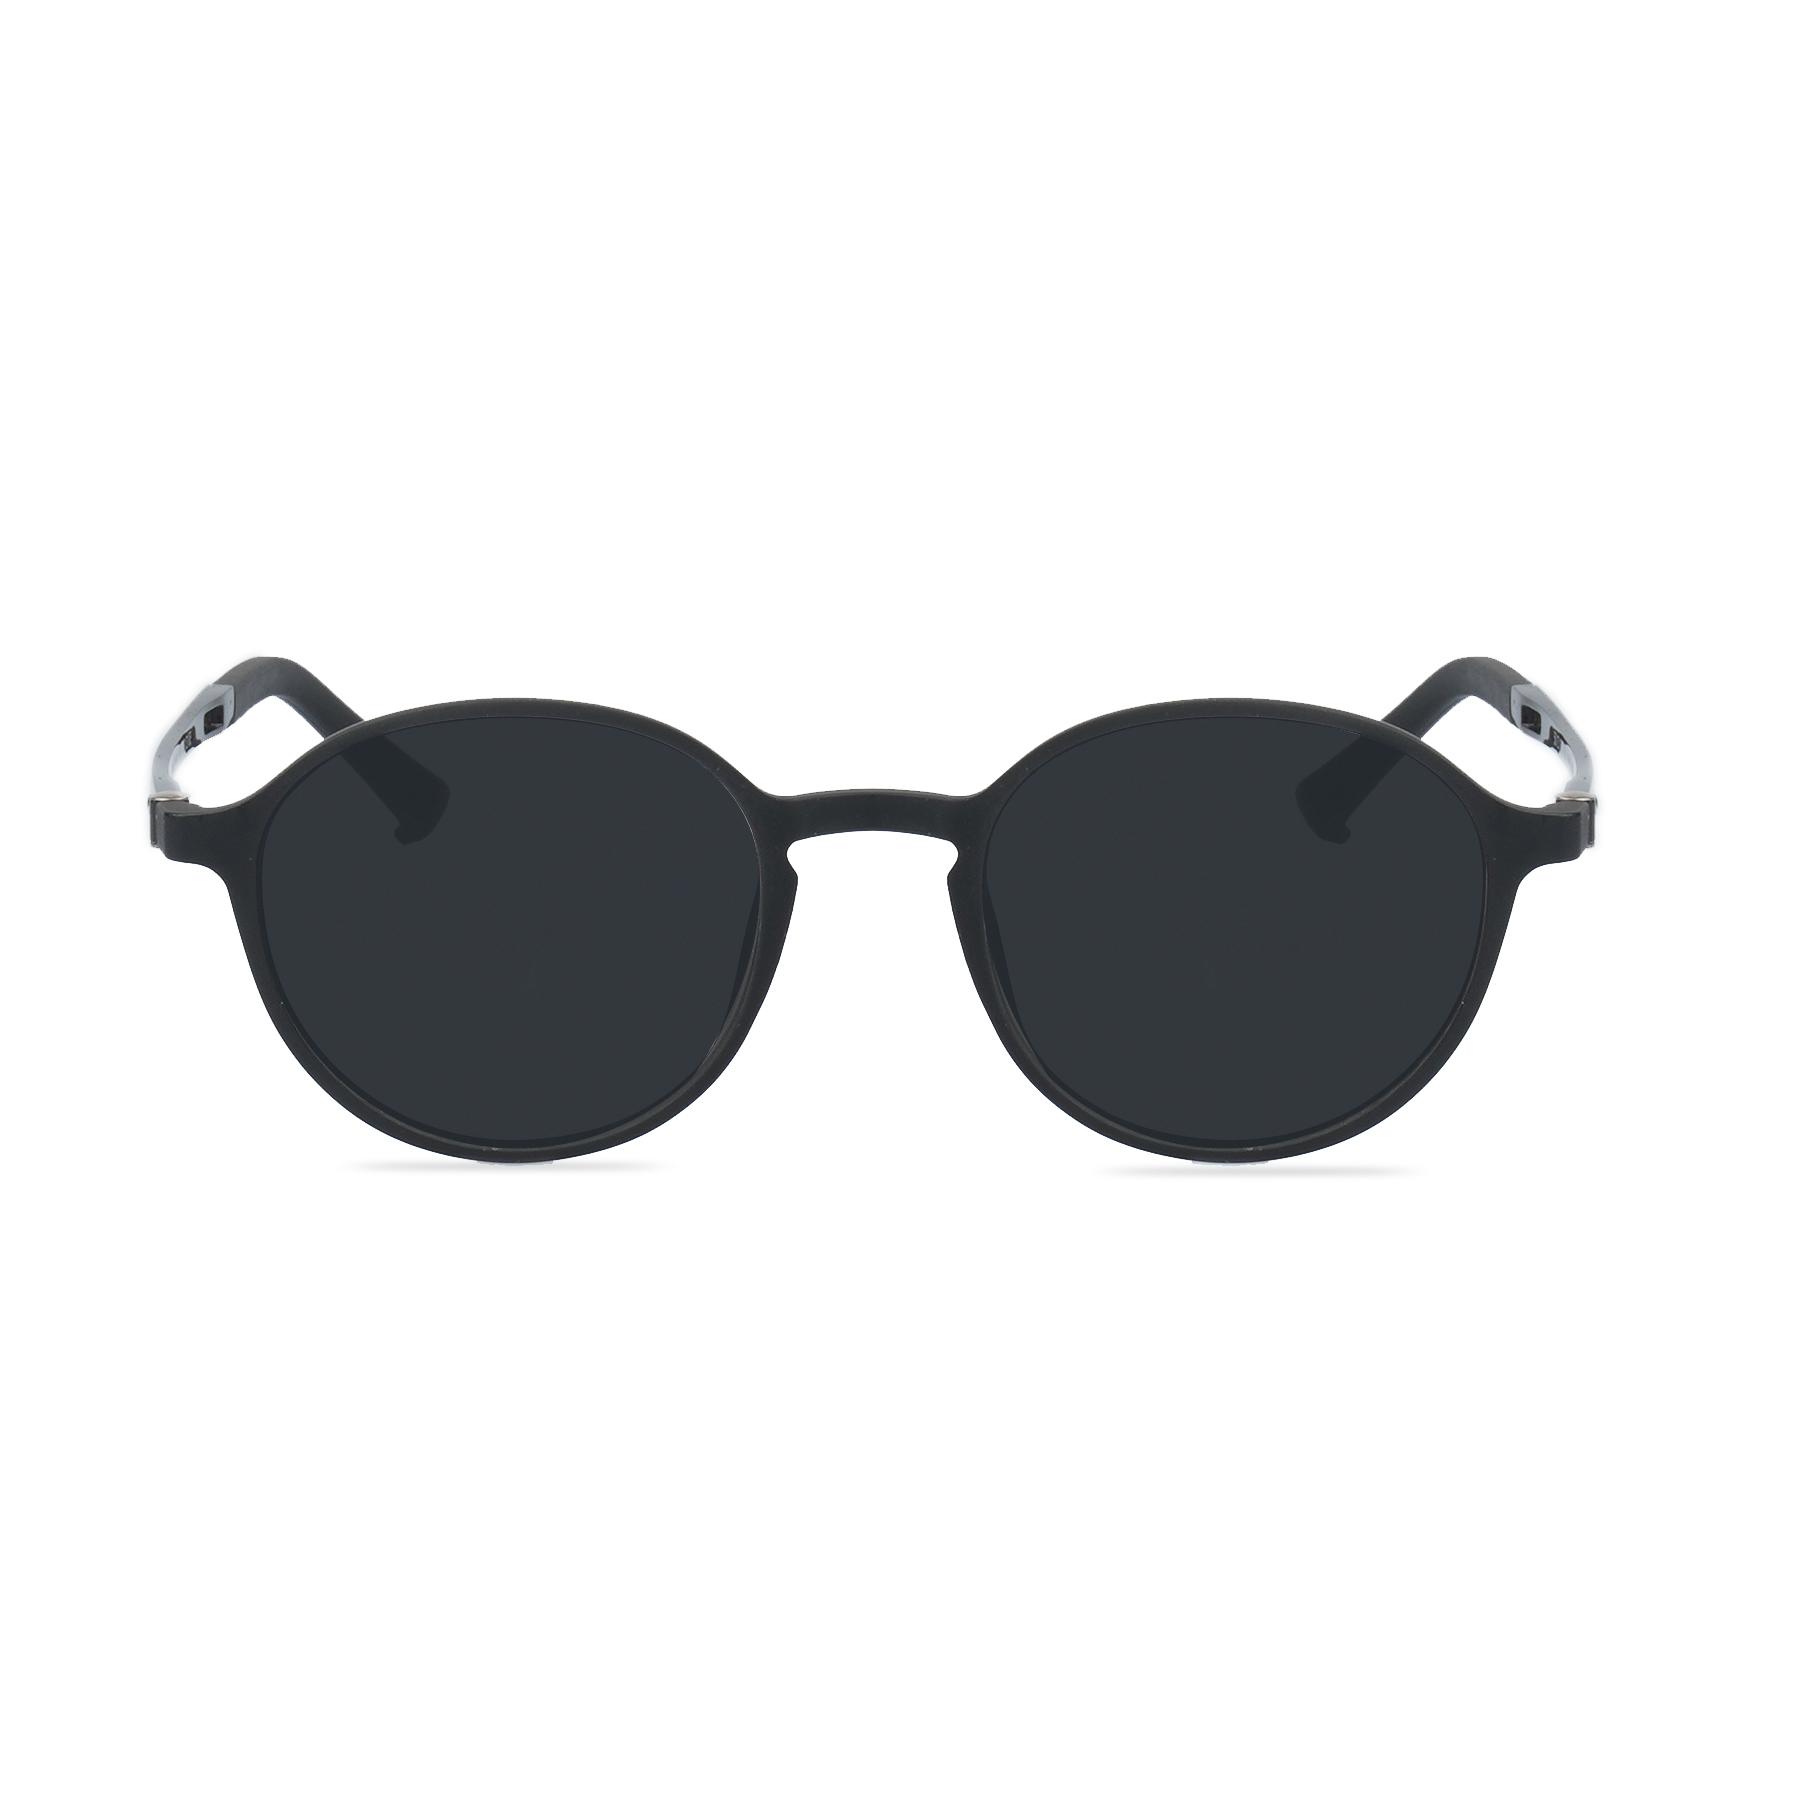 Evoke Hong Kong Sunglasses